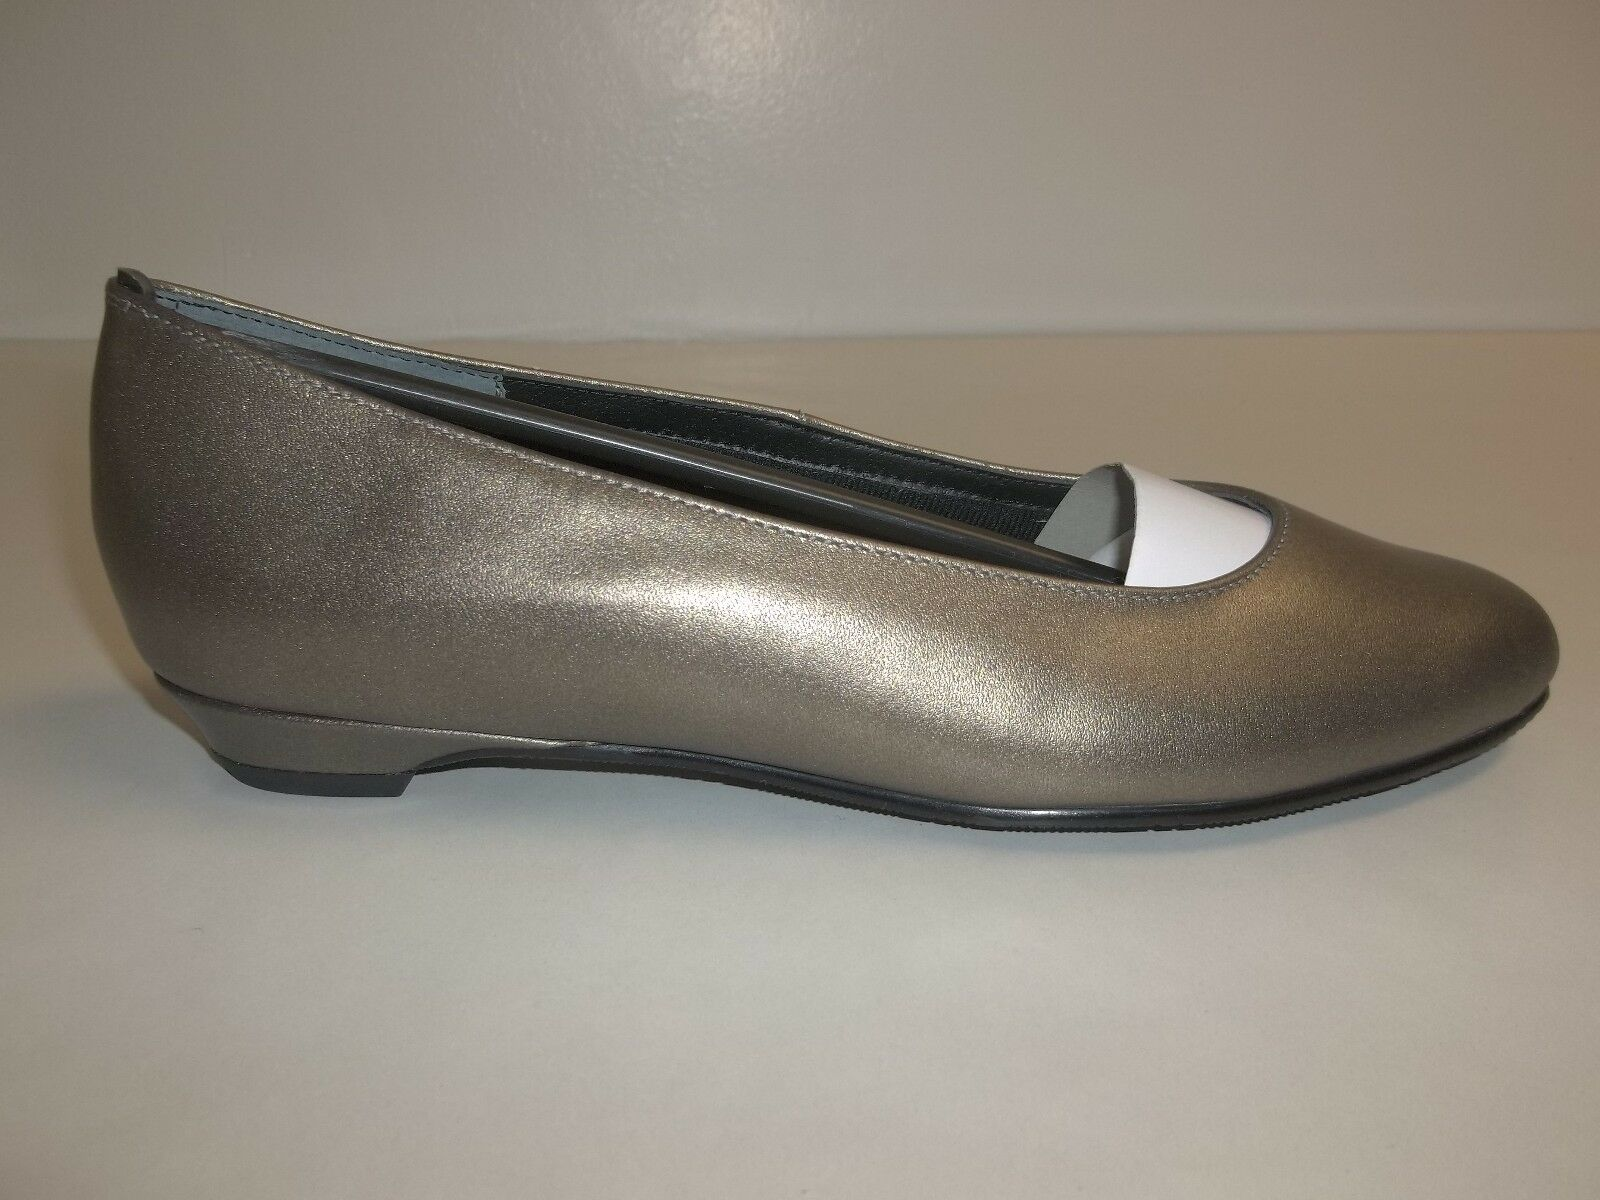 Rose Petals Größe 6 Wide BUTTER Bronze Leder Dress Pump Flats NEU Damenschuhe Schuhes